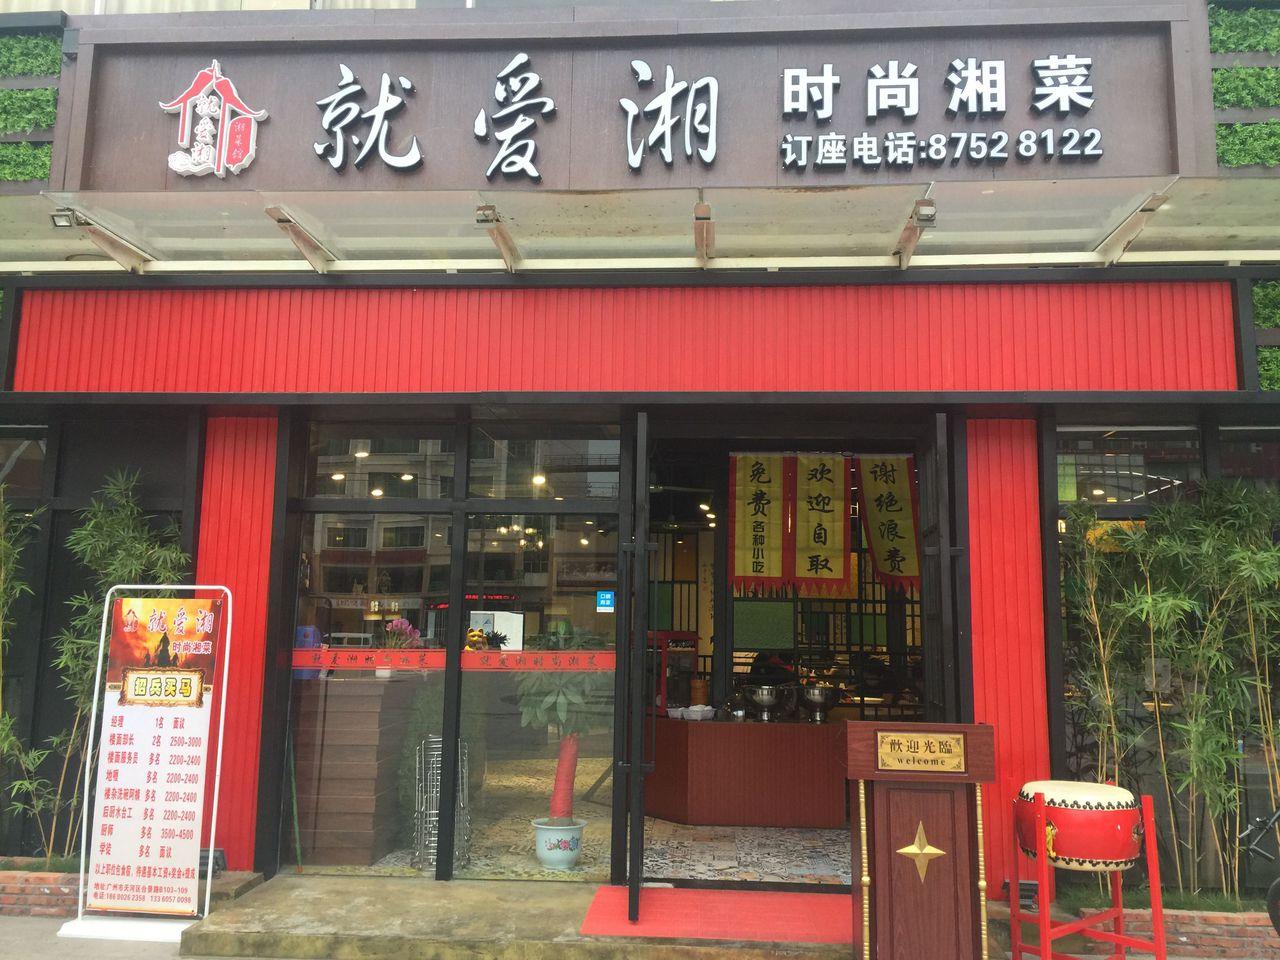 0地址: 广州市天河区合景路合景商业街3号b103-b109房 查看图片